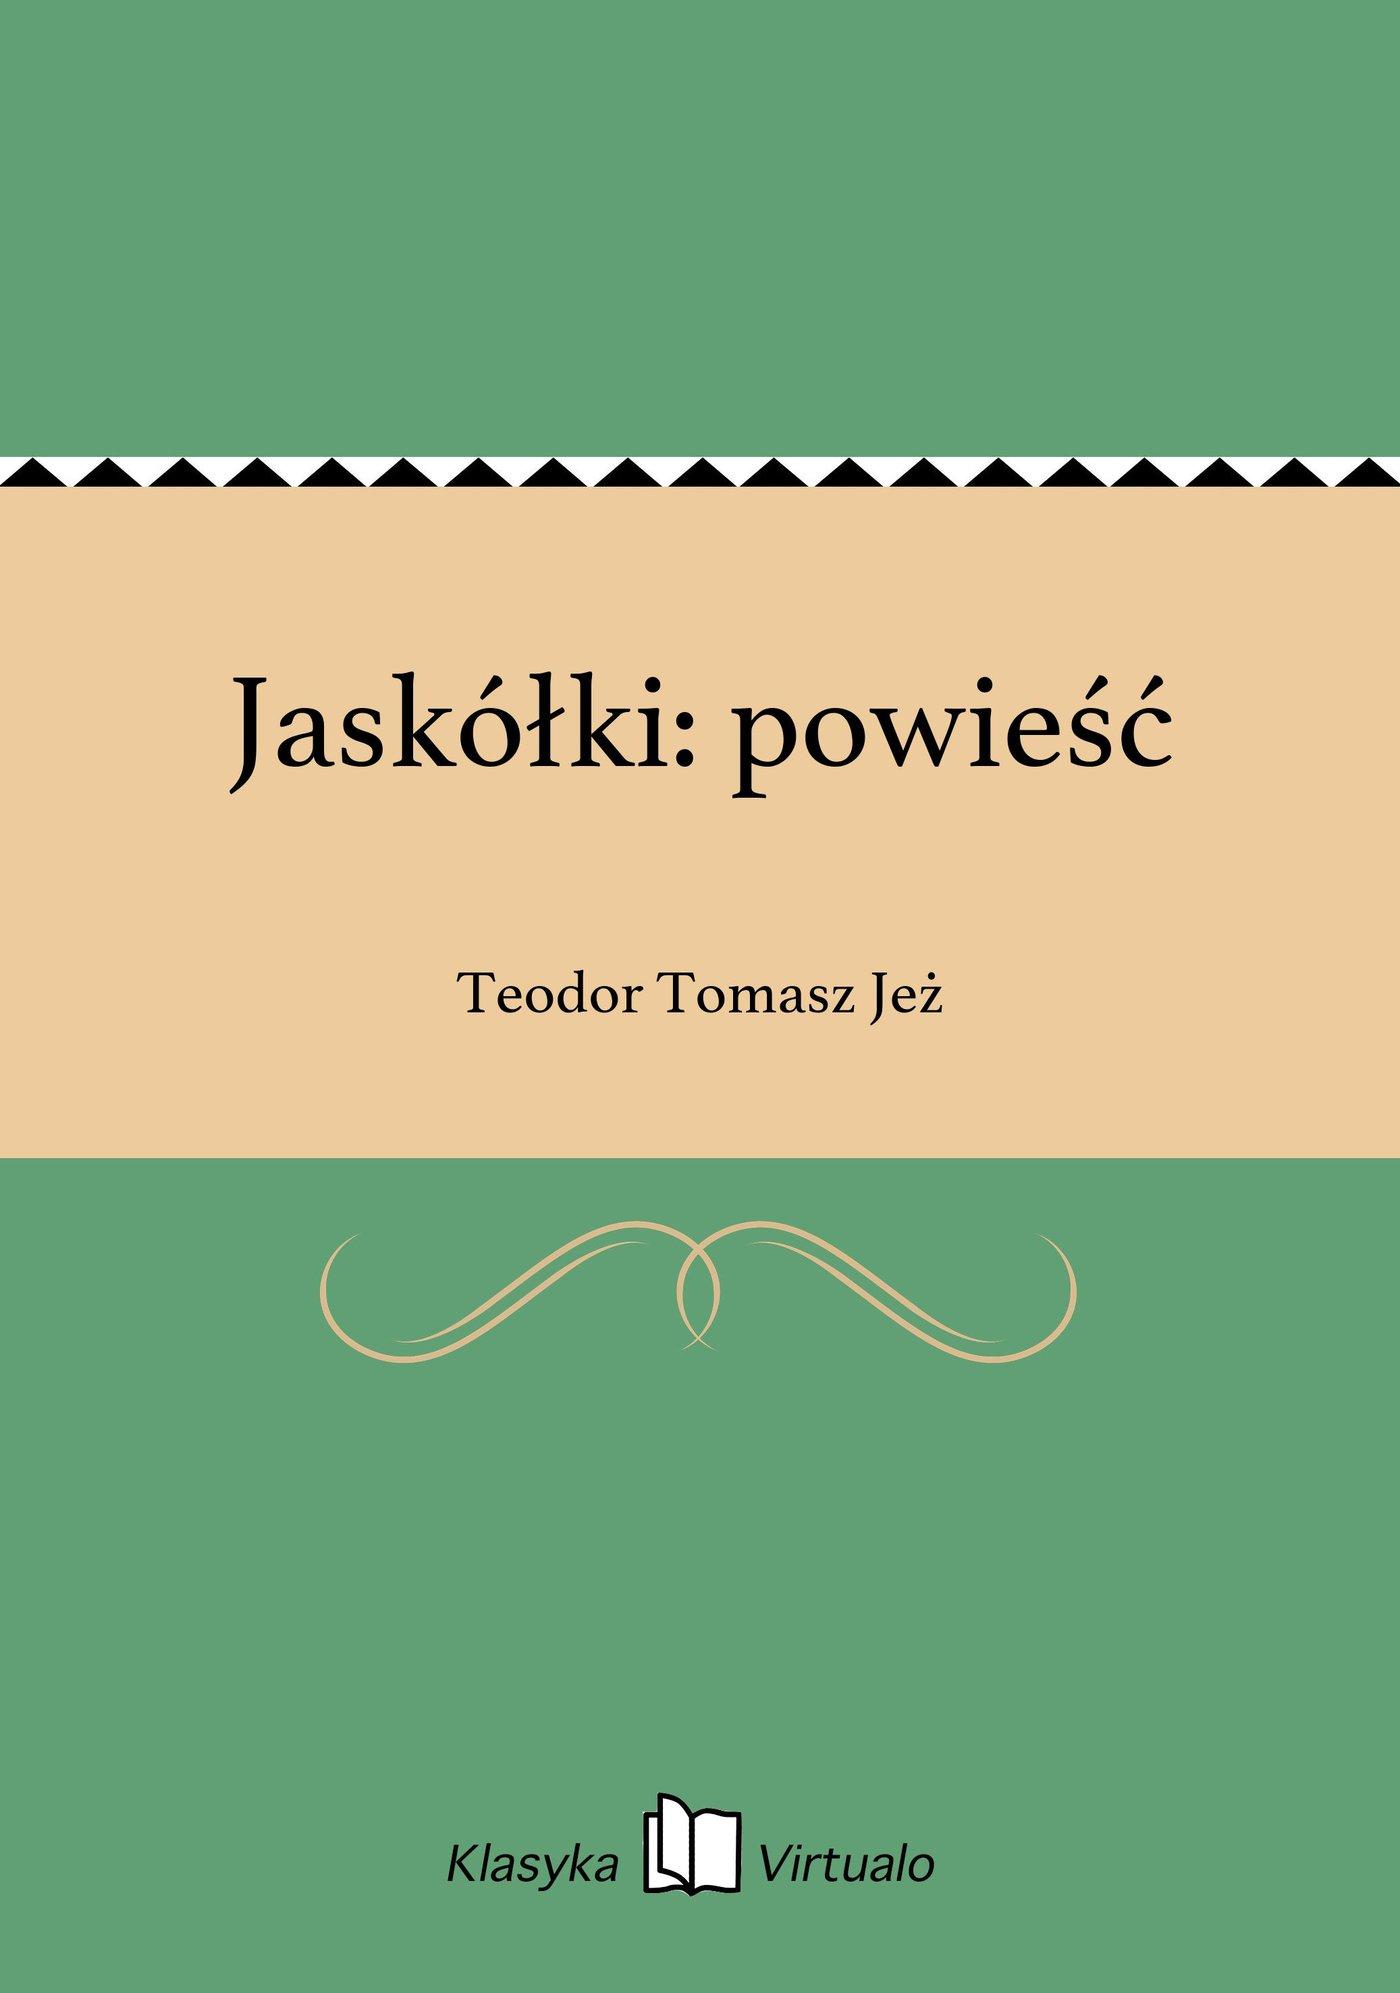 Jaskółki: powieść - Ebook (Książka na Kindle) do pobrania w formacie MOBI